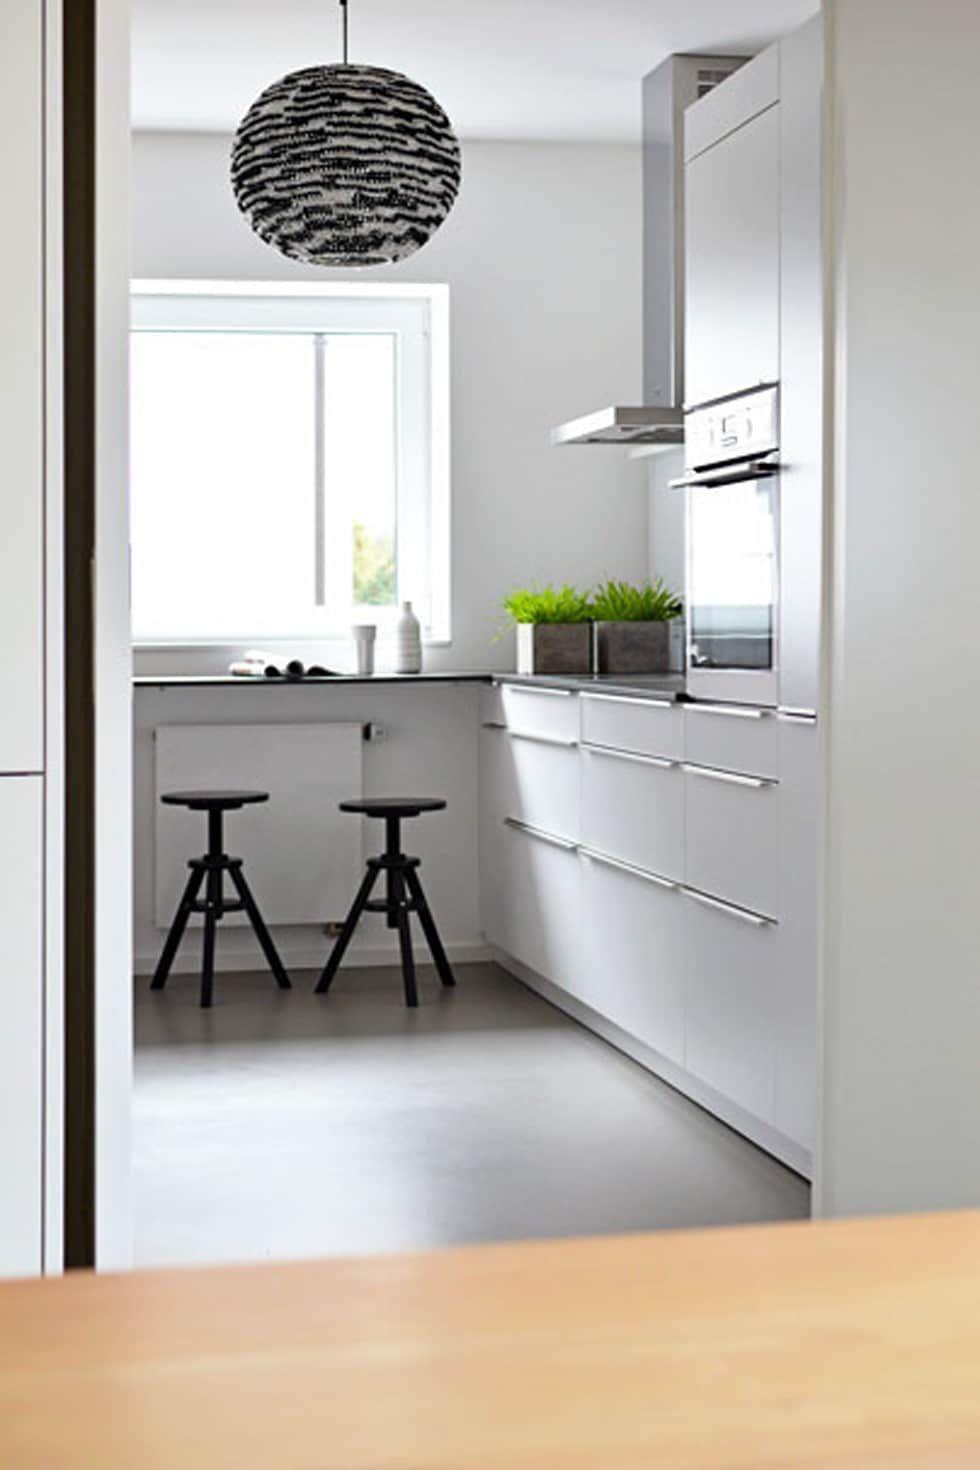 Wohnideen Wohnküche wohnideen interior design einrichtungsideen bilder haus küchen